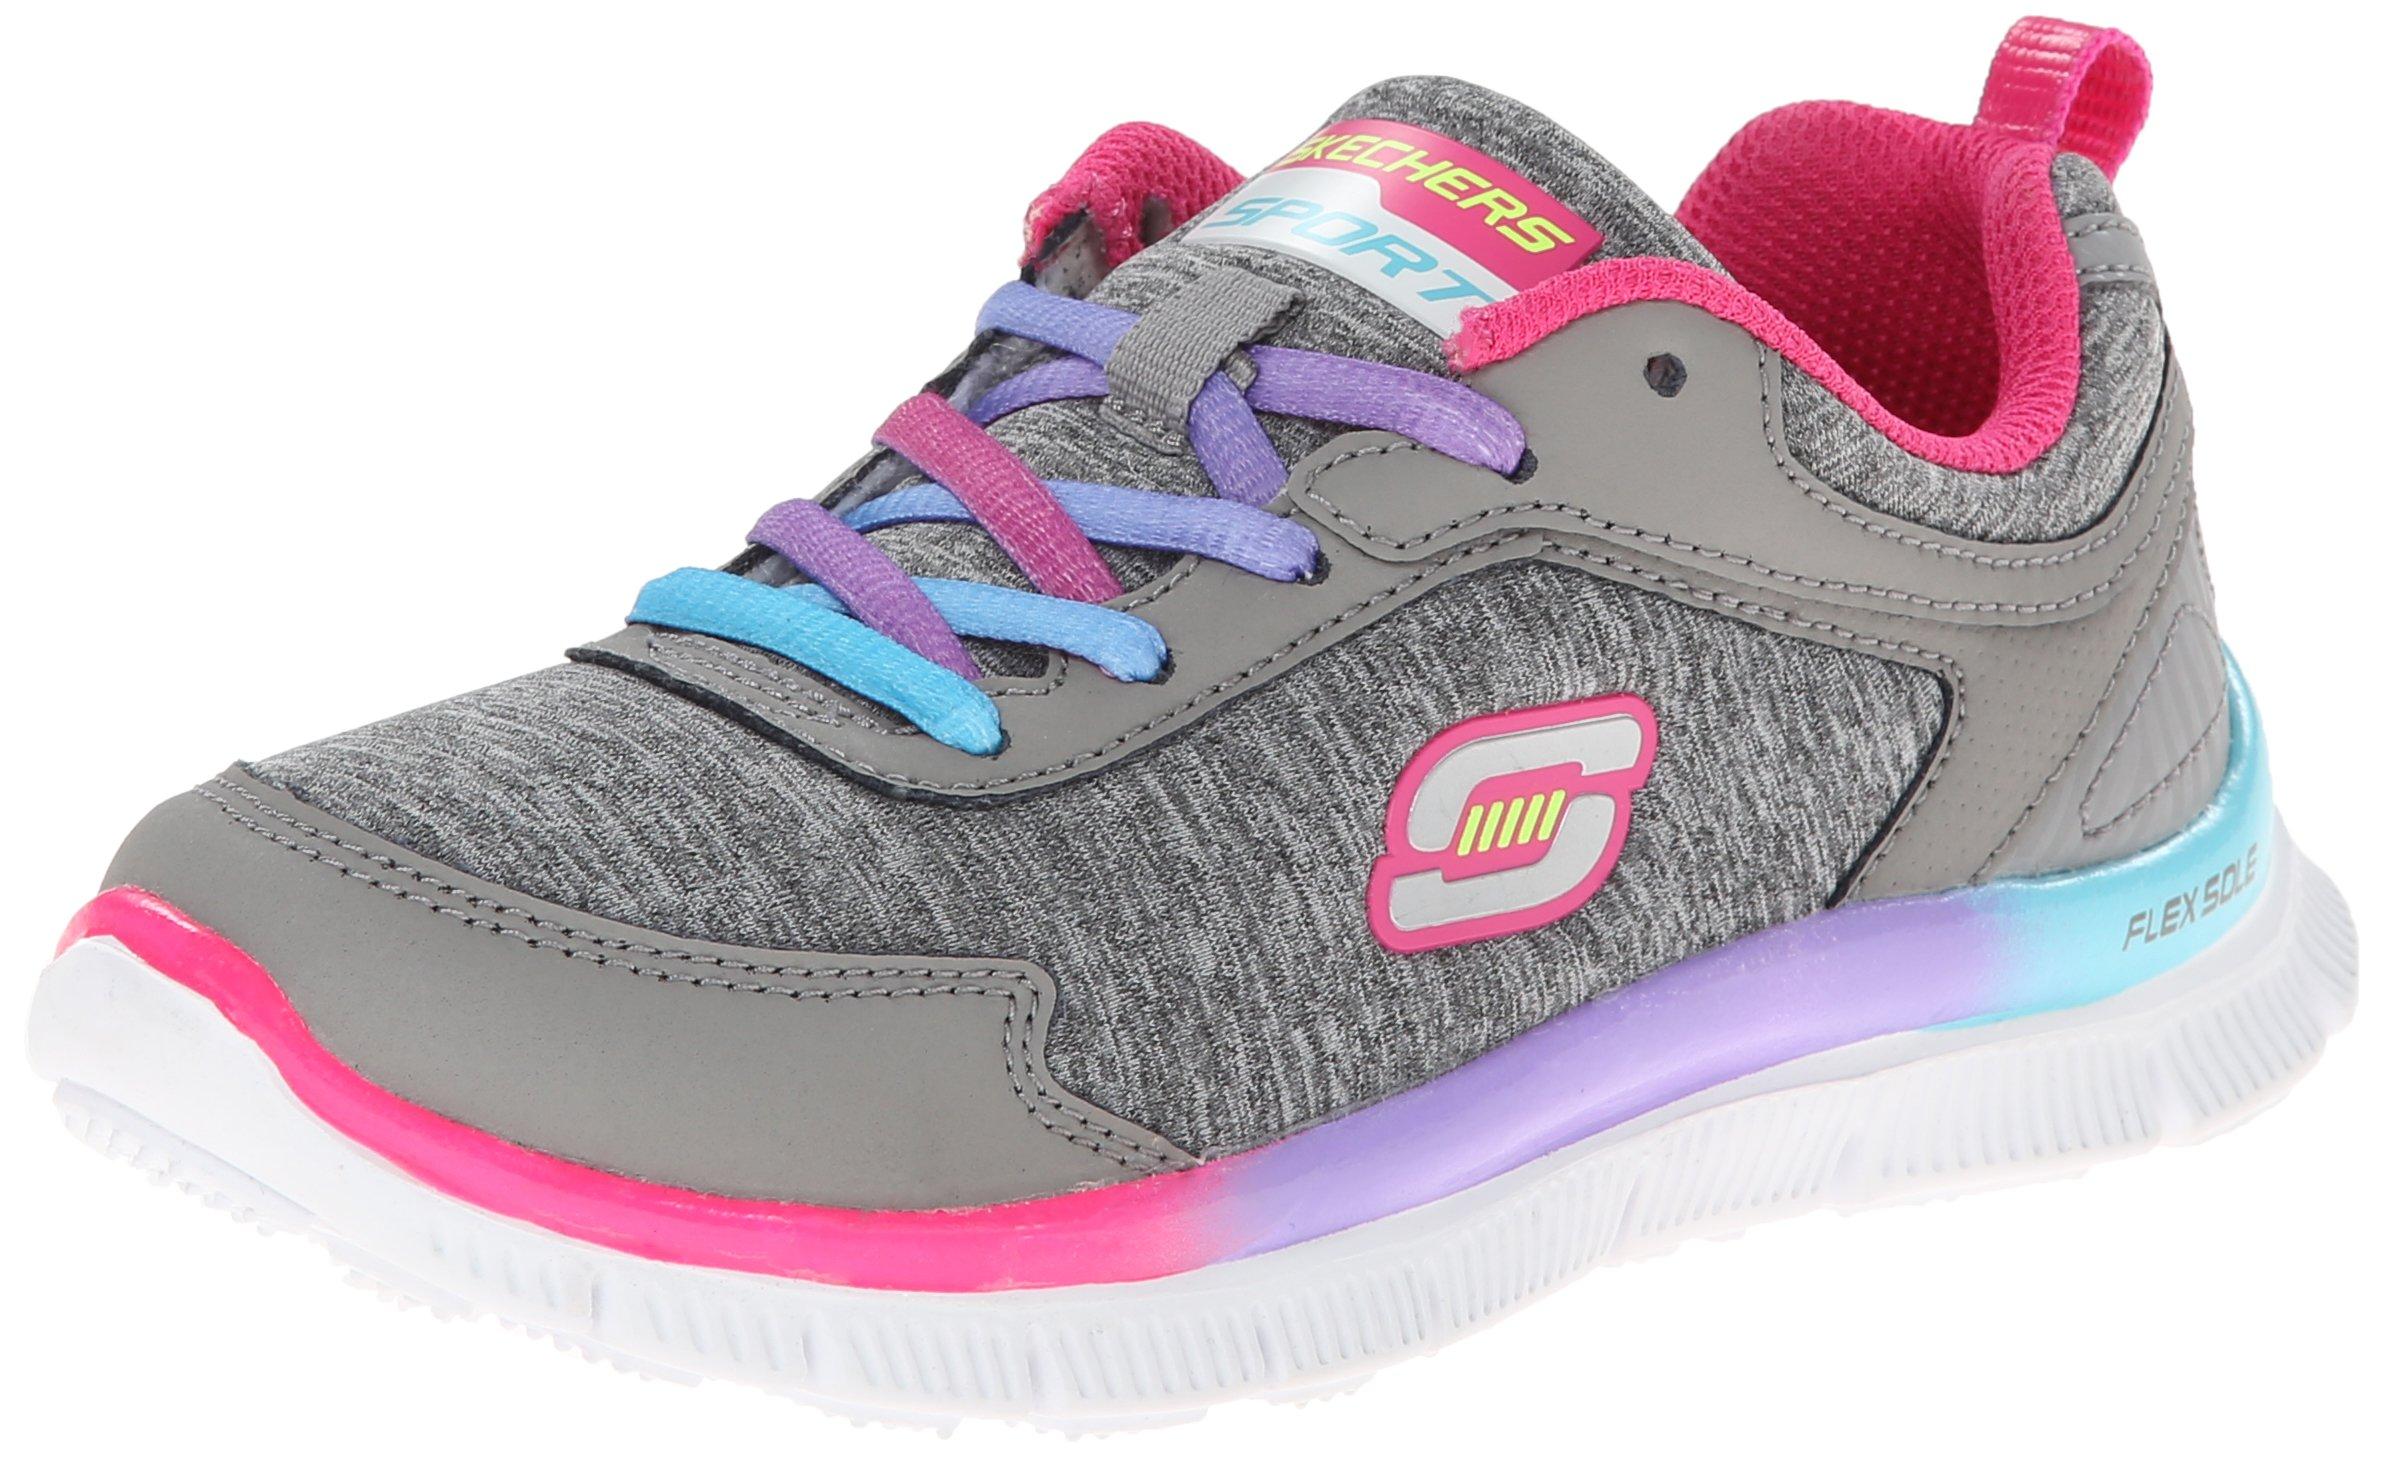 Skechers Kids 81885L Skech Sneaker,Gray/Pink/Purple,3 M US Little Kid